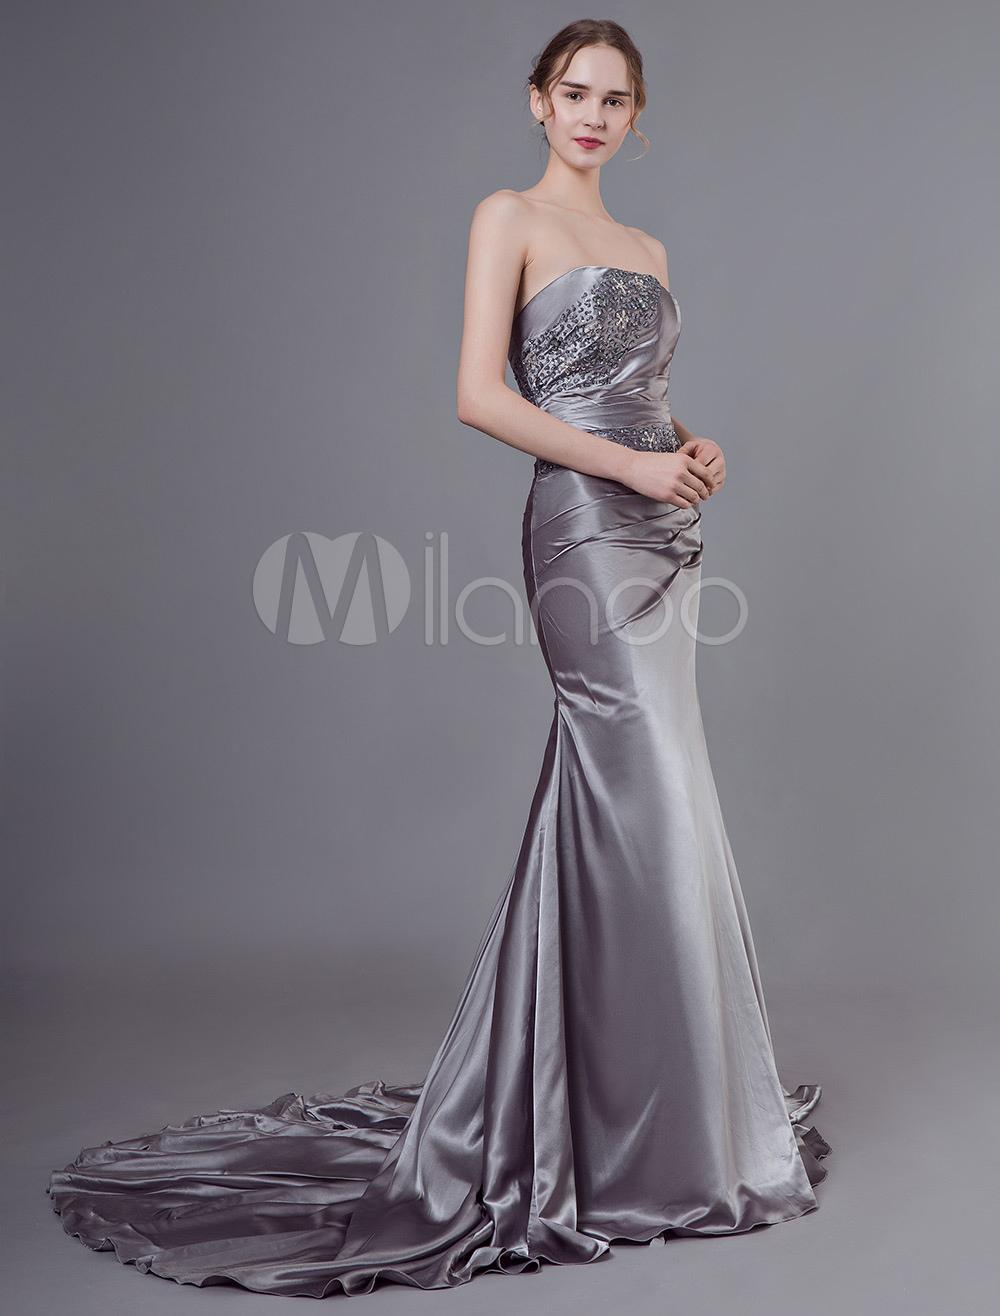 abendkleider trägerlos hochzeit ärmellos günstige abendkleider grau  formelle kleider elastische kunstseide mermaid- mit schnürung